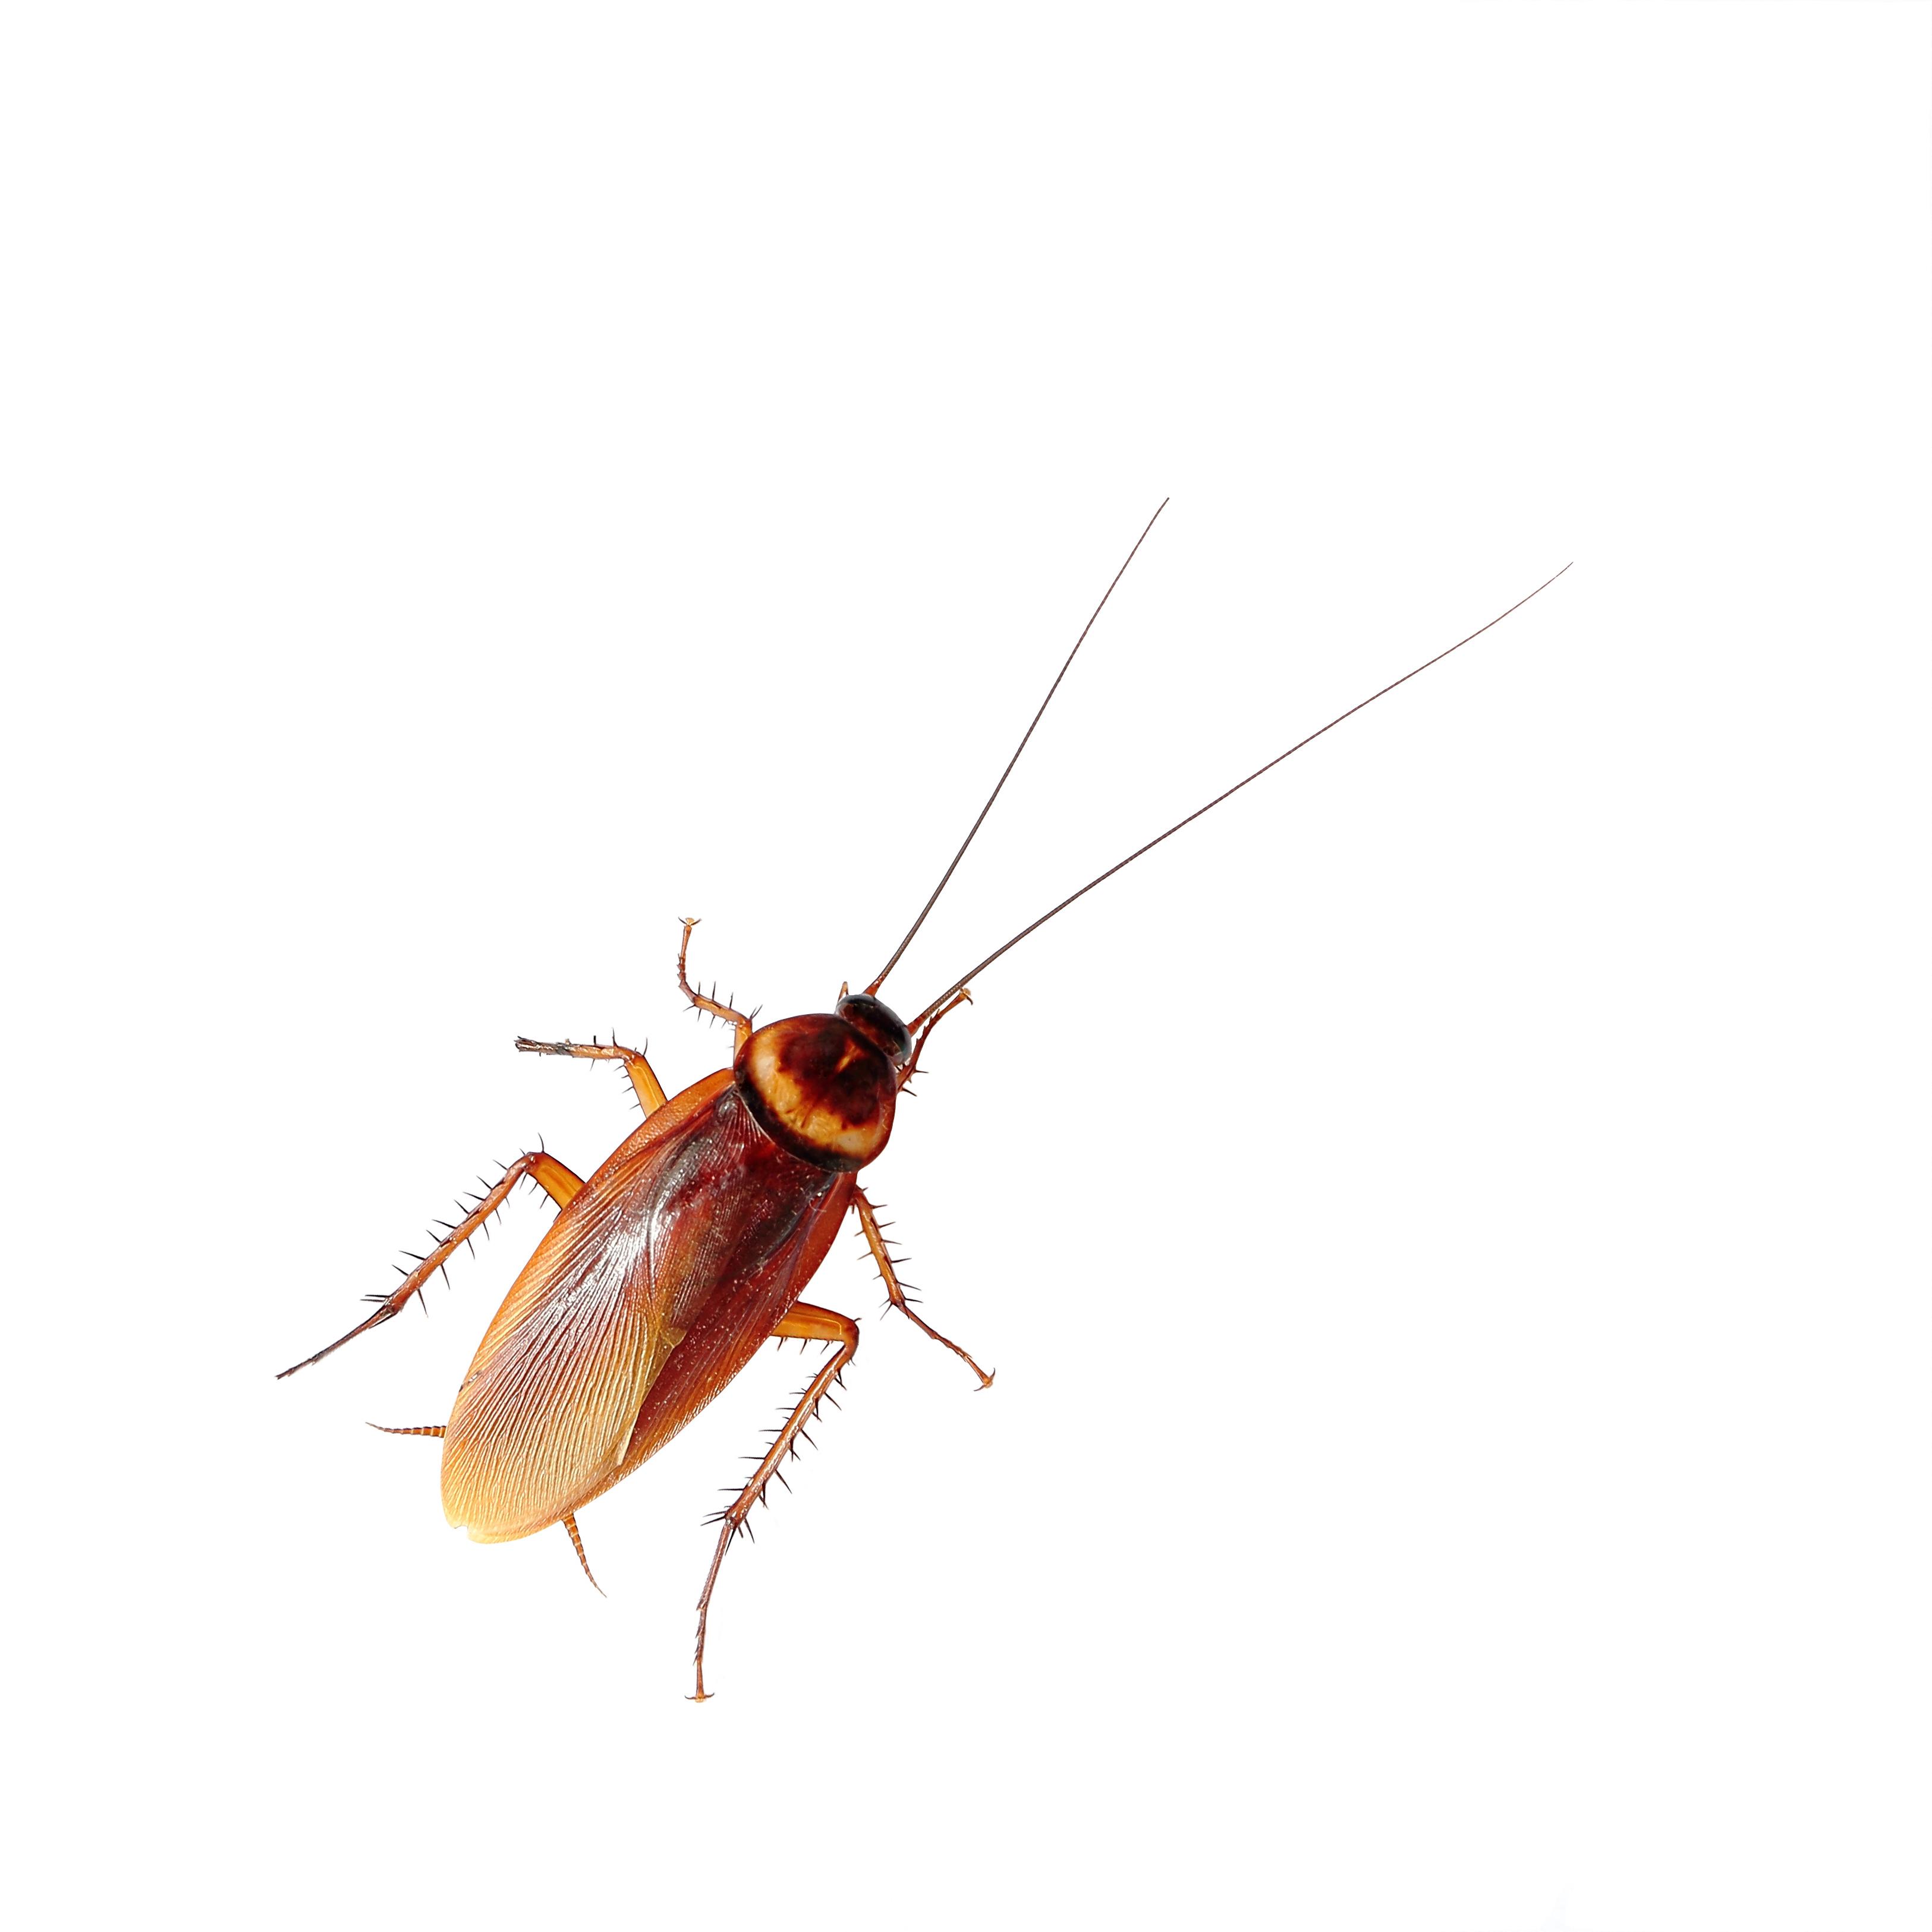 Billede af kakerlak